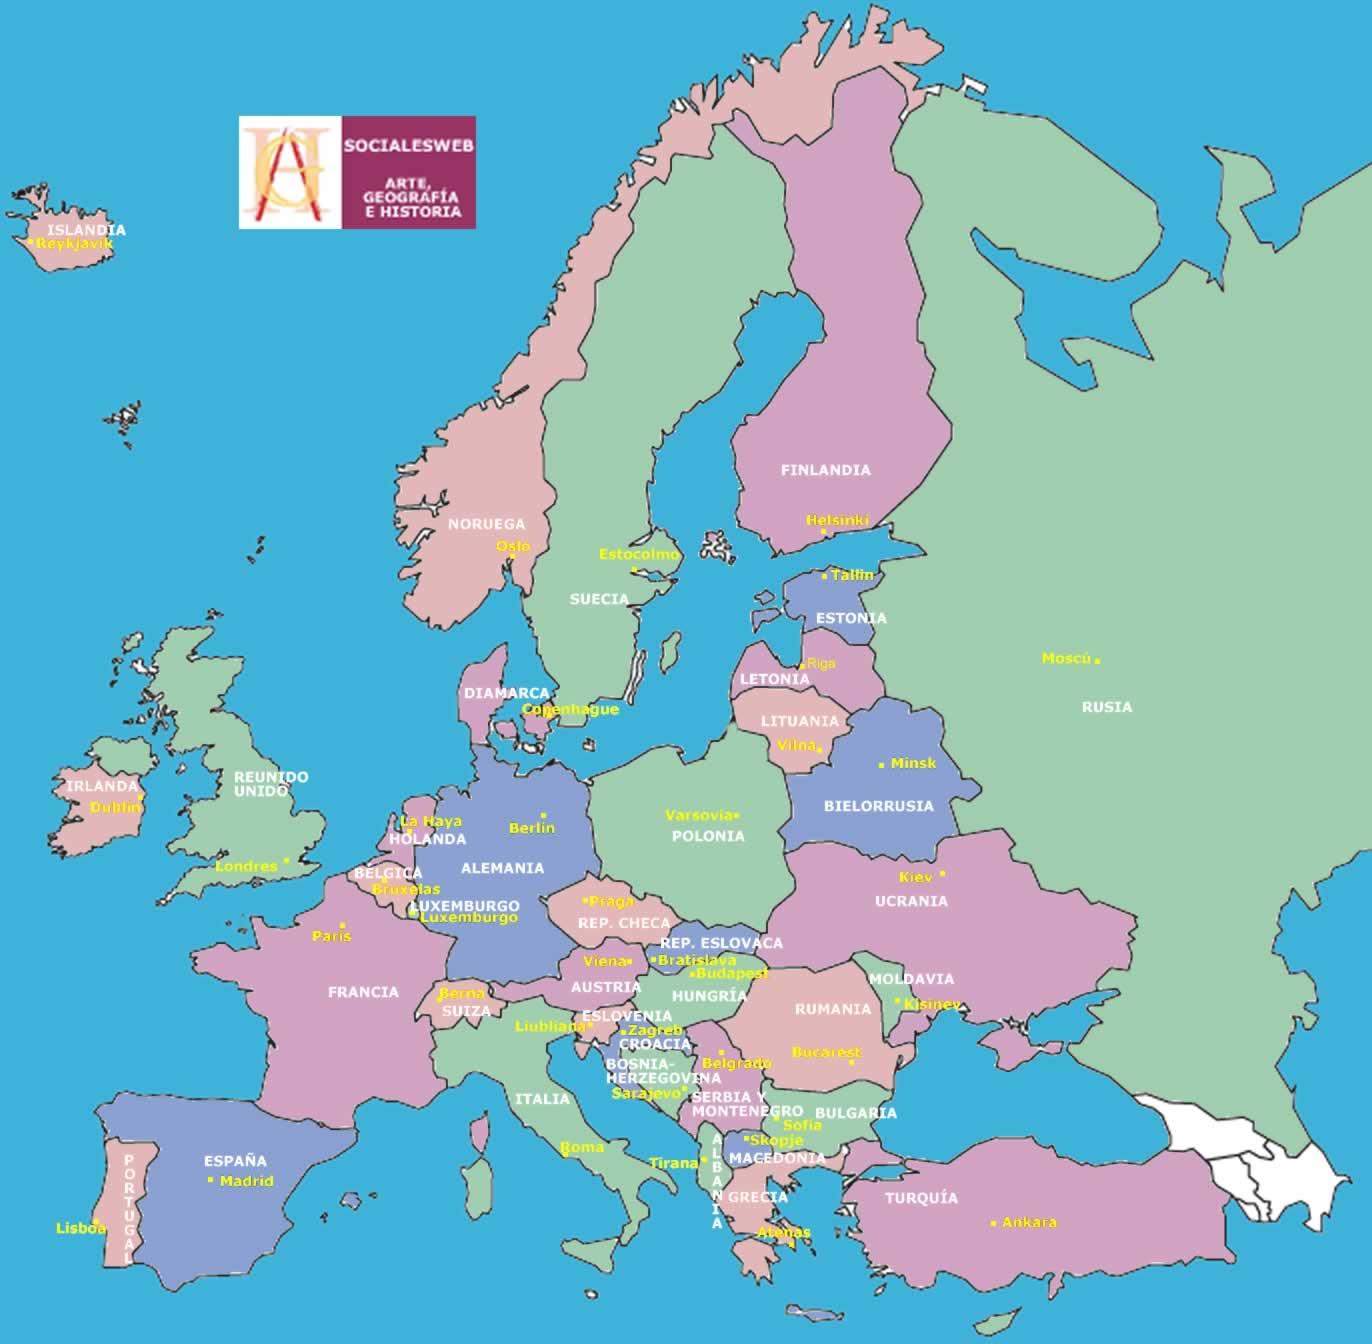 Politico Mapa Europa Con Capitales.Mapa Politico De Europa Con Sus Capitales